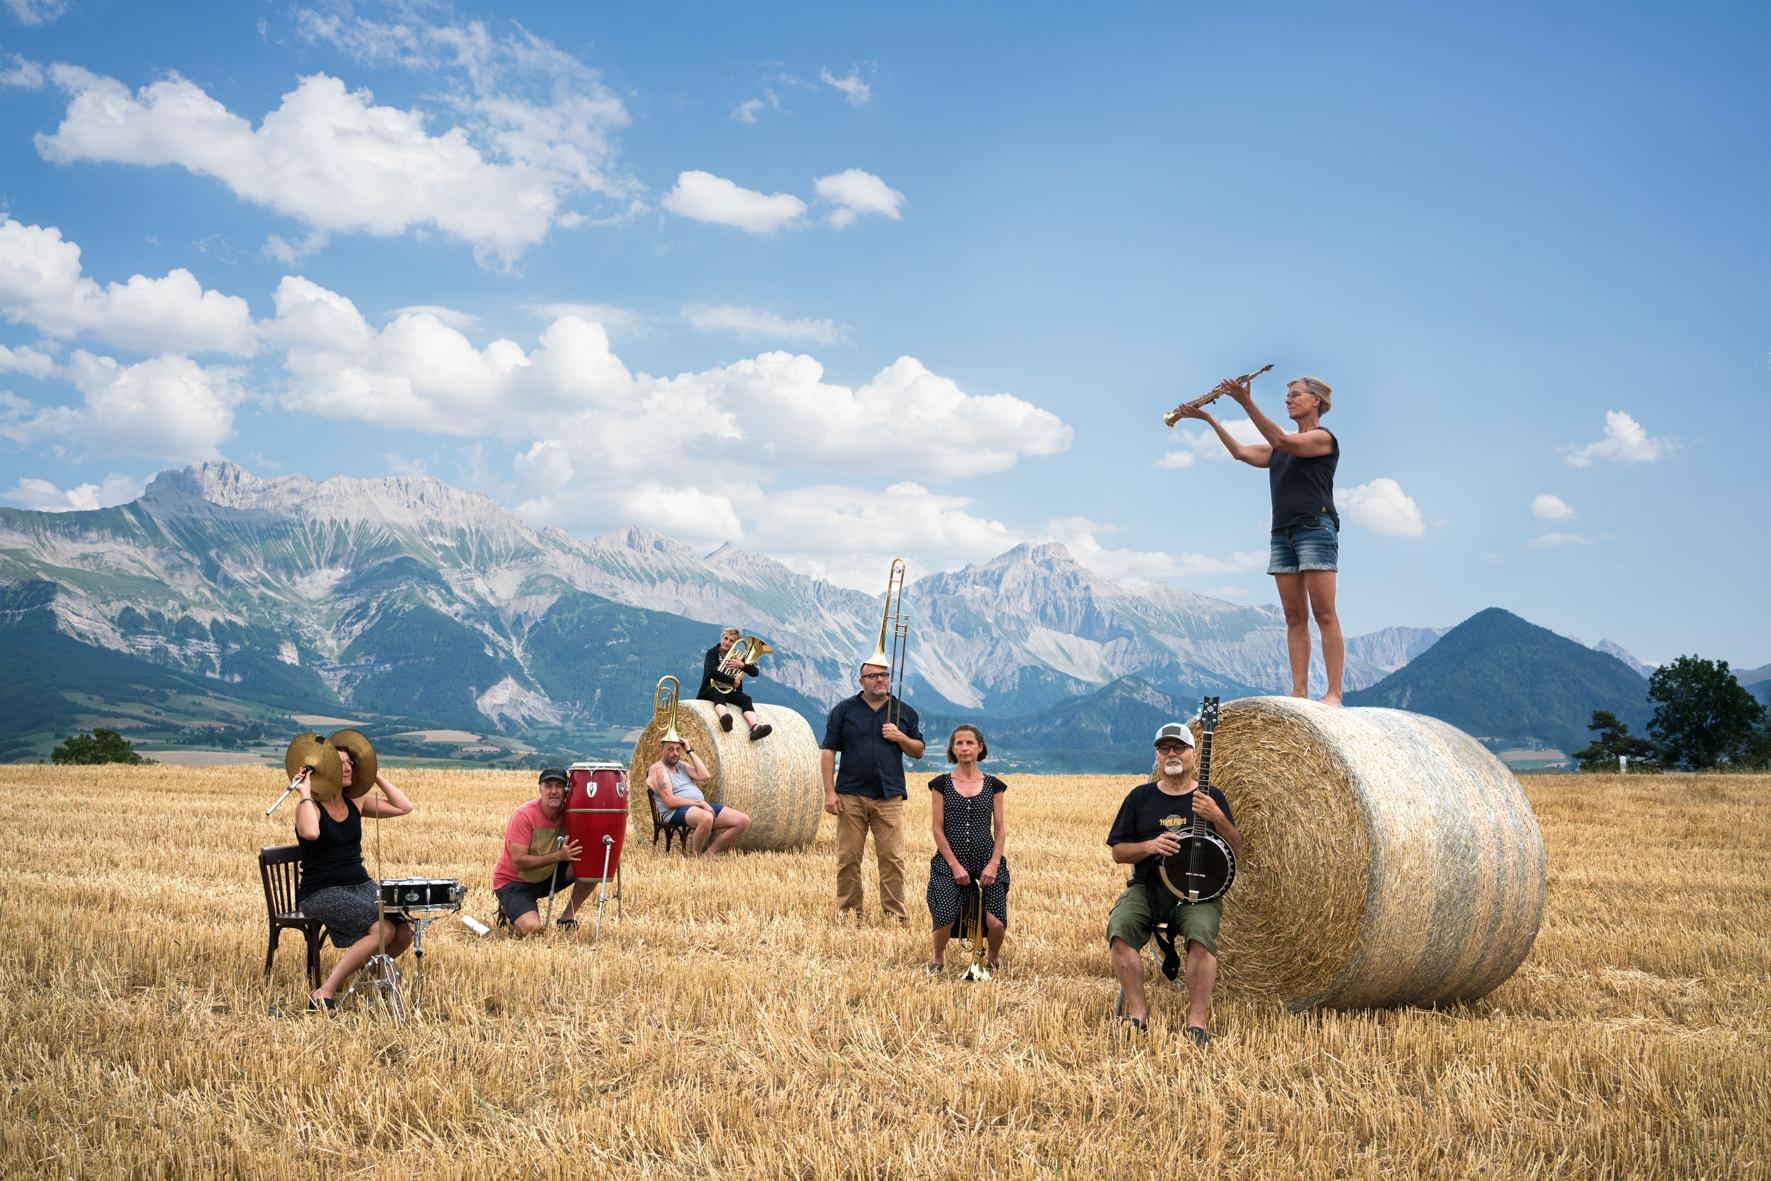 C'est la musique.On courrait en liberté dans les champs de blé, on se tiendrait debout sur une botte de paille, le chant des vaches se mêlerait à celui de la trompette, nos fantaisies créeraient des horizons plus ouverts, on en parlerait autour d'une bière locale au goût de fête. Et le lendemain, un autre monde se mettrait en chemin d'exister. La fantastique fanfare de Mens fait danser le Trièves, elle régale la terrasse du Café des sports et autres marchés de ses notes et de sa bonne humeur.